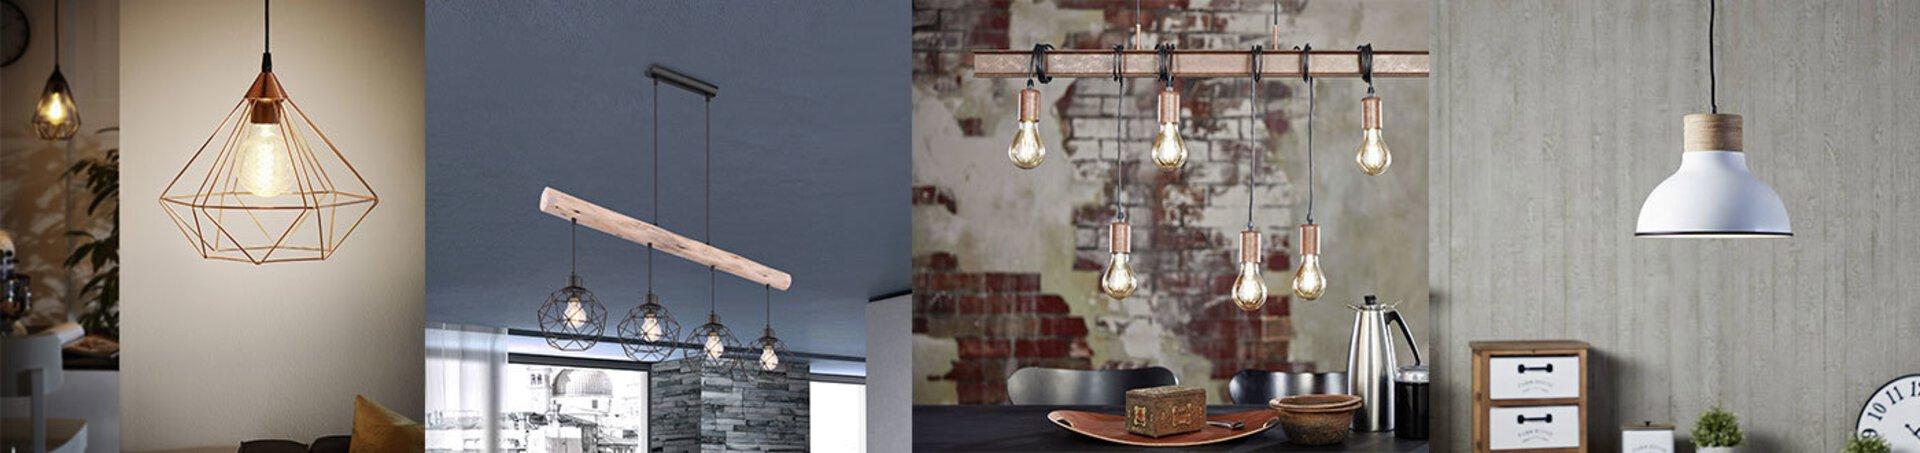 """Verschiedene Lampen in rustikalem Design, bei denen das Material im Vordergrund steht. Das Bild dient als Inspiration für rustikale Lampen innerhalb der """"Leuchtentrends""""."""